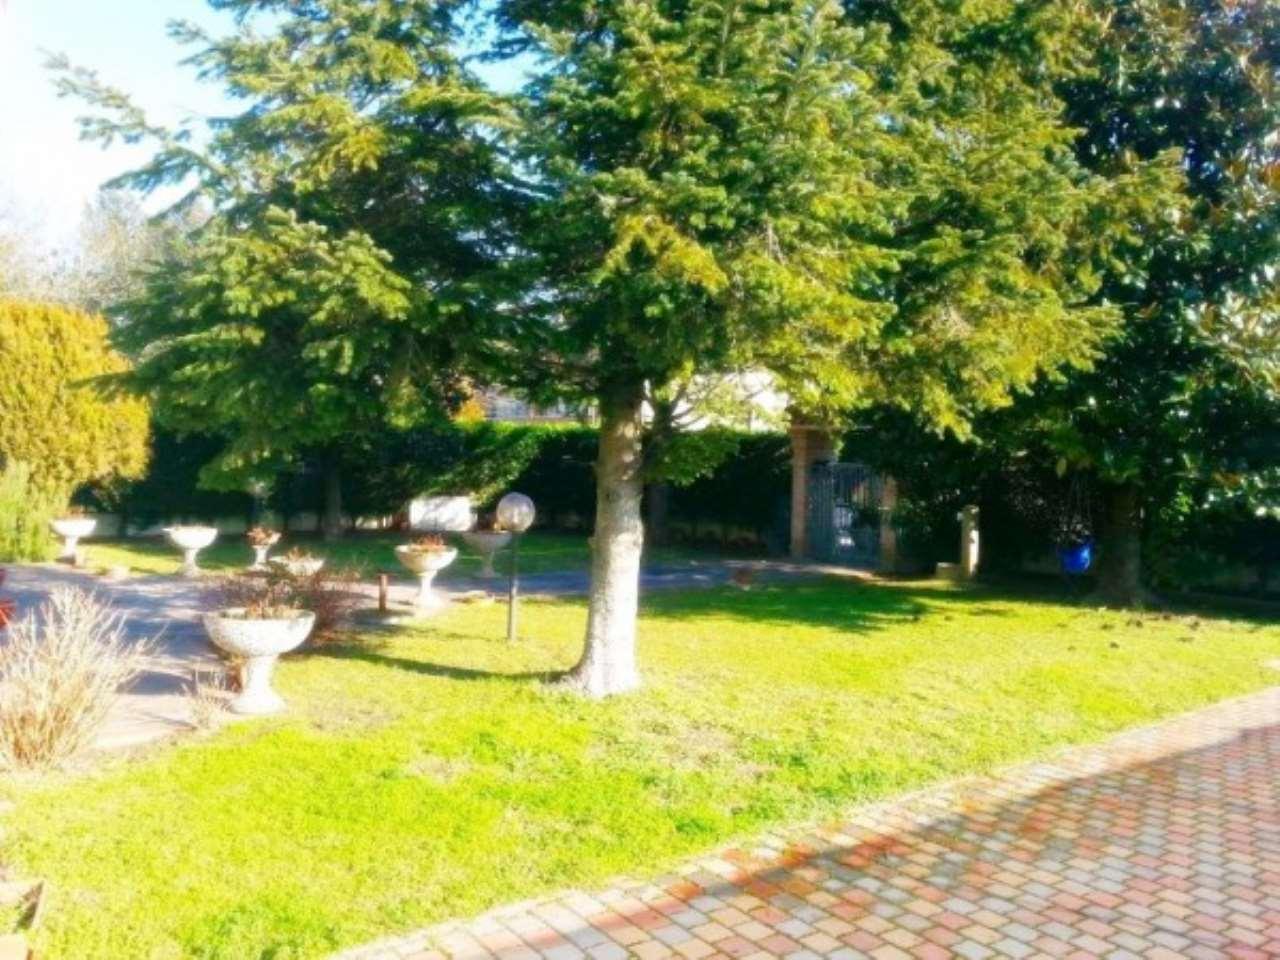 Villa in vendita a Chioggia, 6 locali, prezzo € 265.000 | Cambio Casa.it